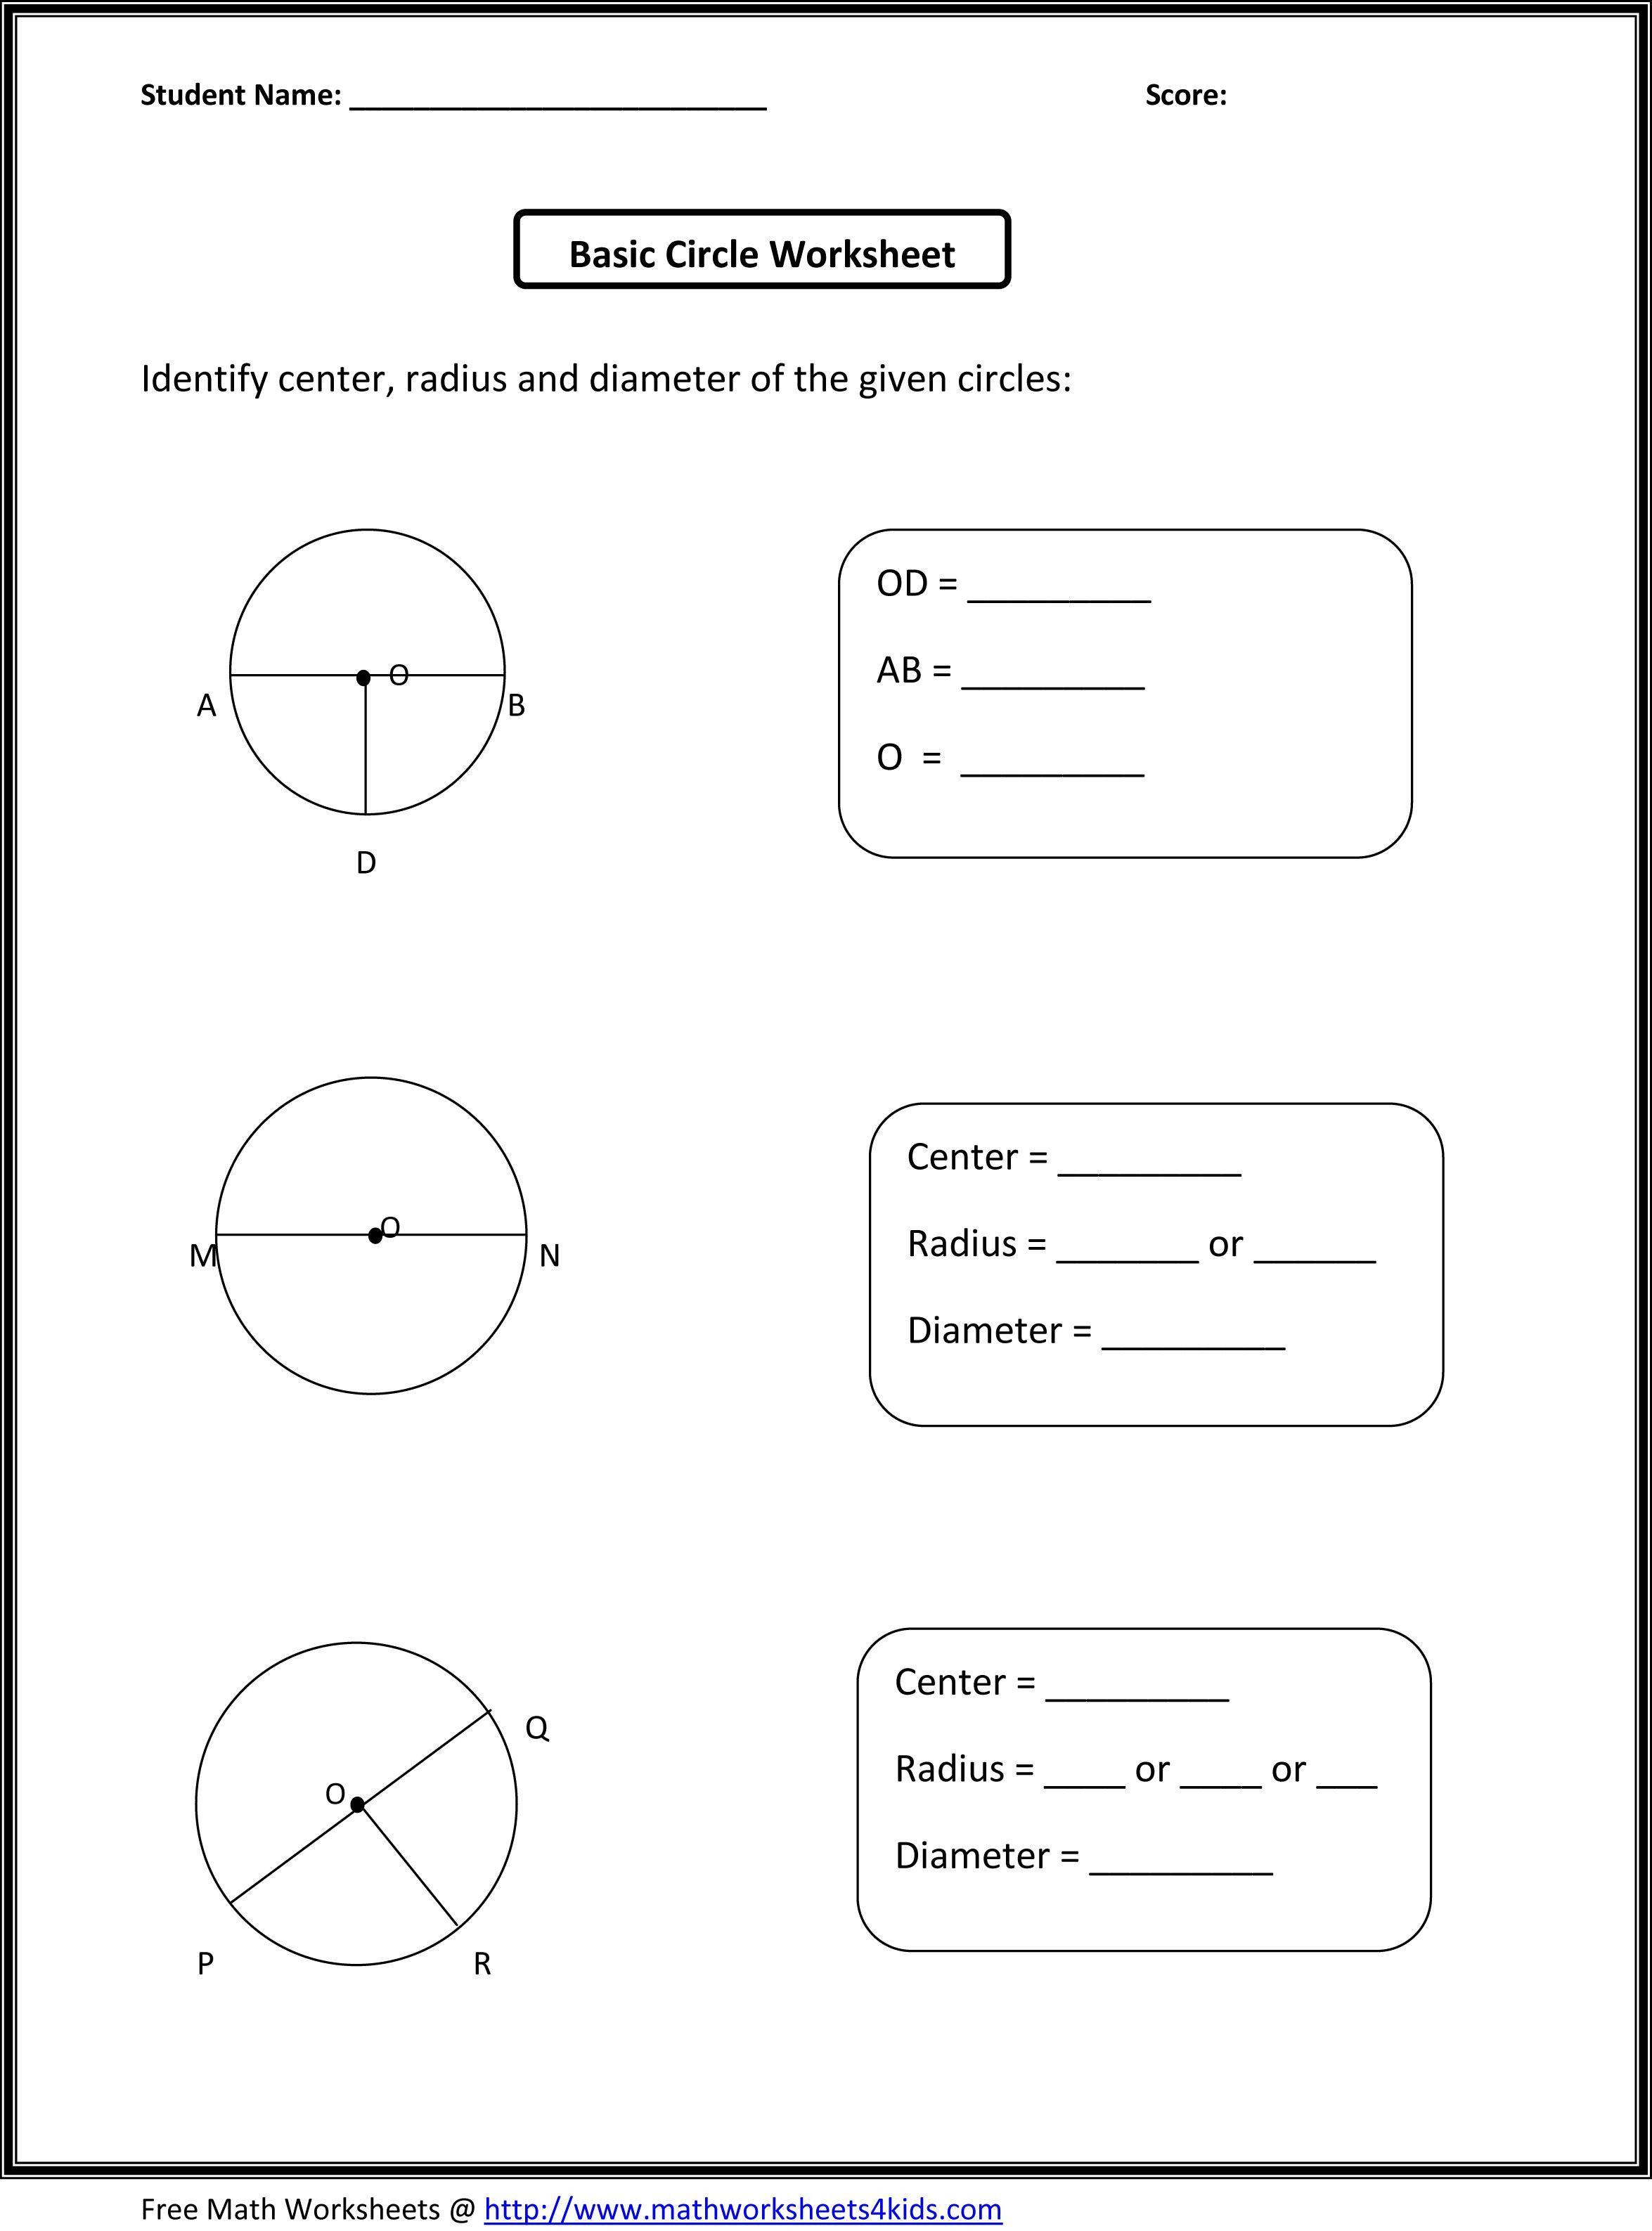 Basic Circle Worksheets Basic Circle Worksheets 3rd Grade